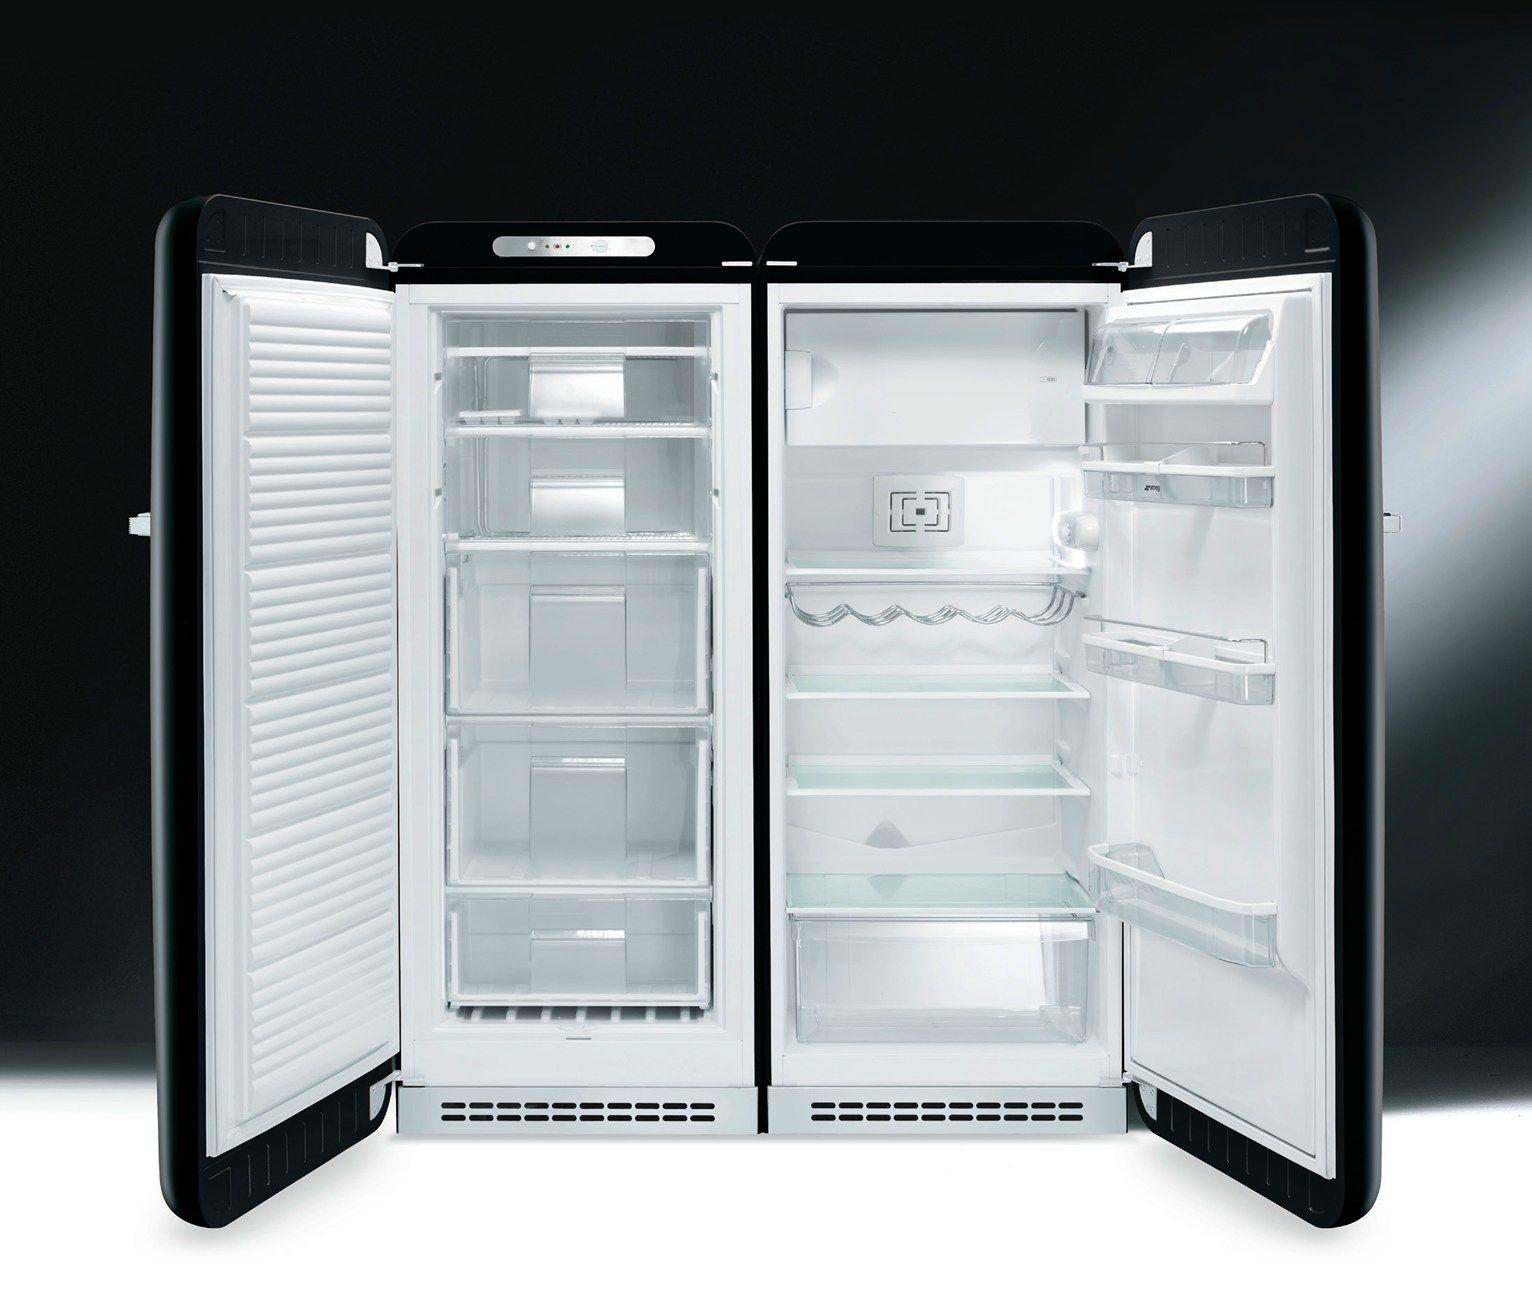 Smeg protagonista con il freezer in stile anni \'50